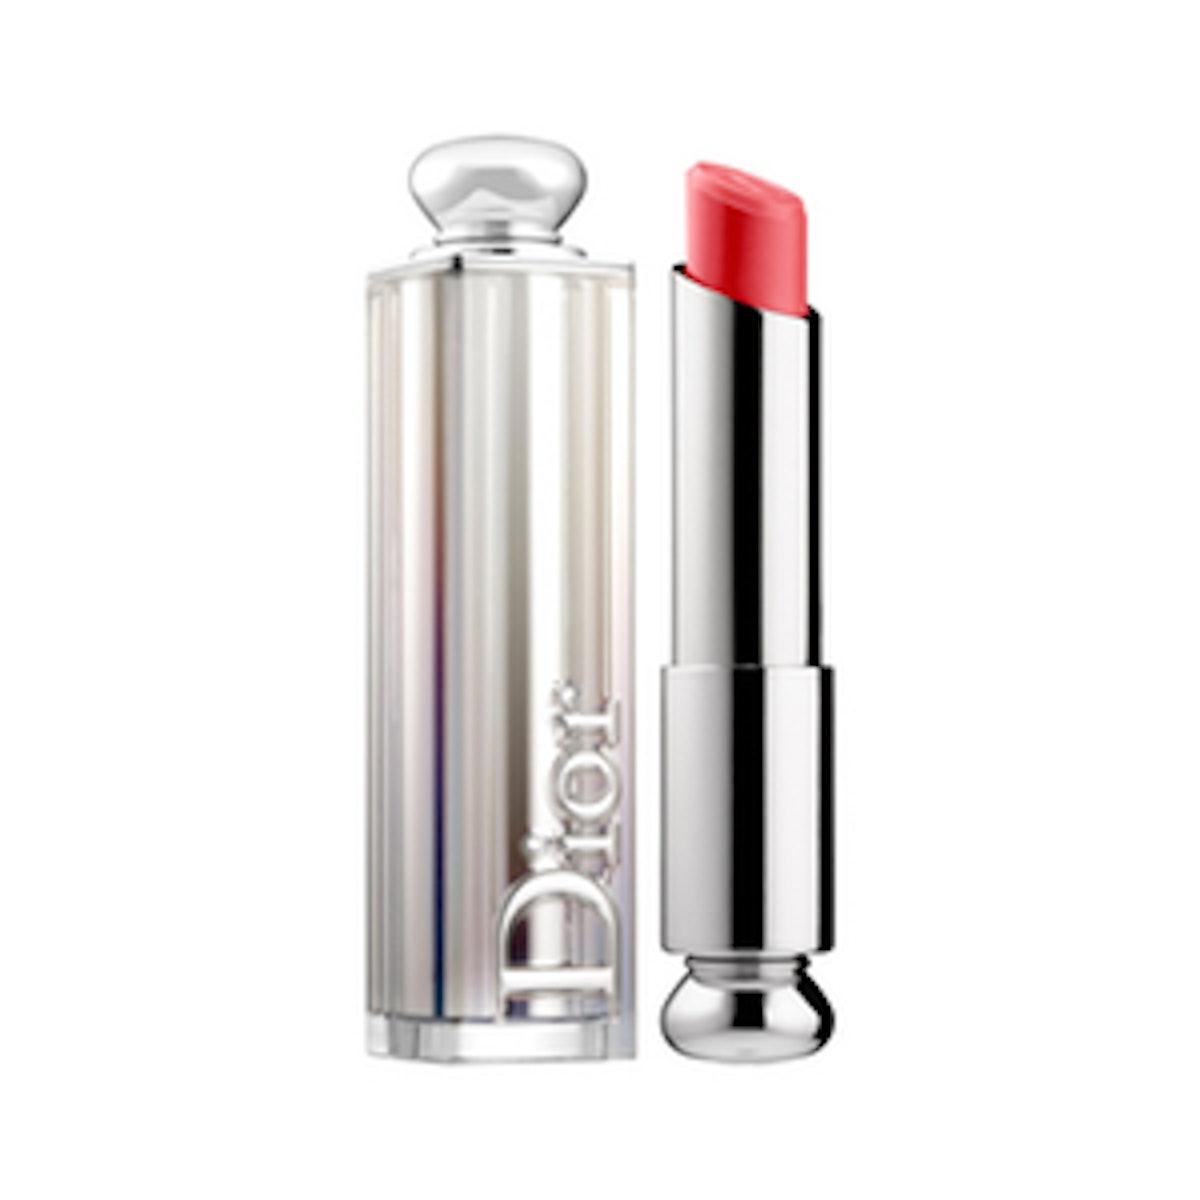 Dior Addict Lipstick in Power